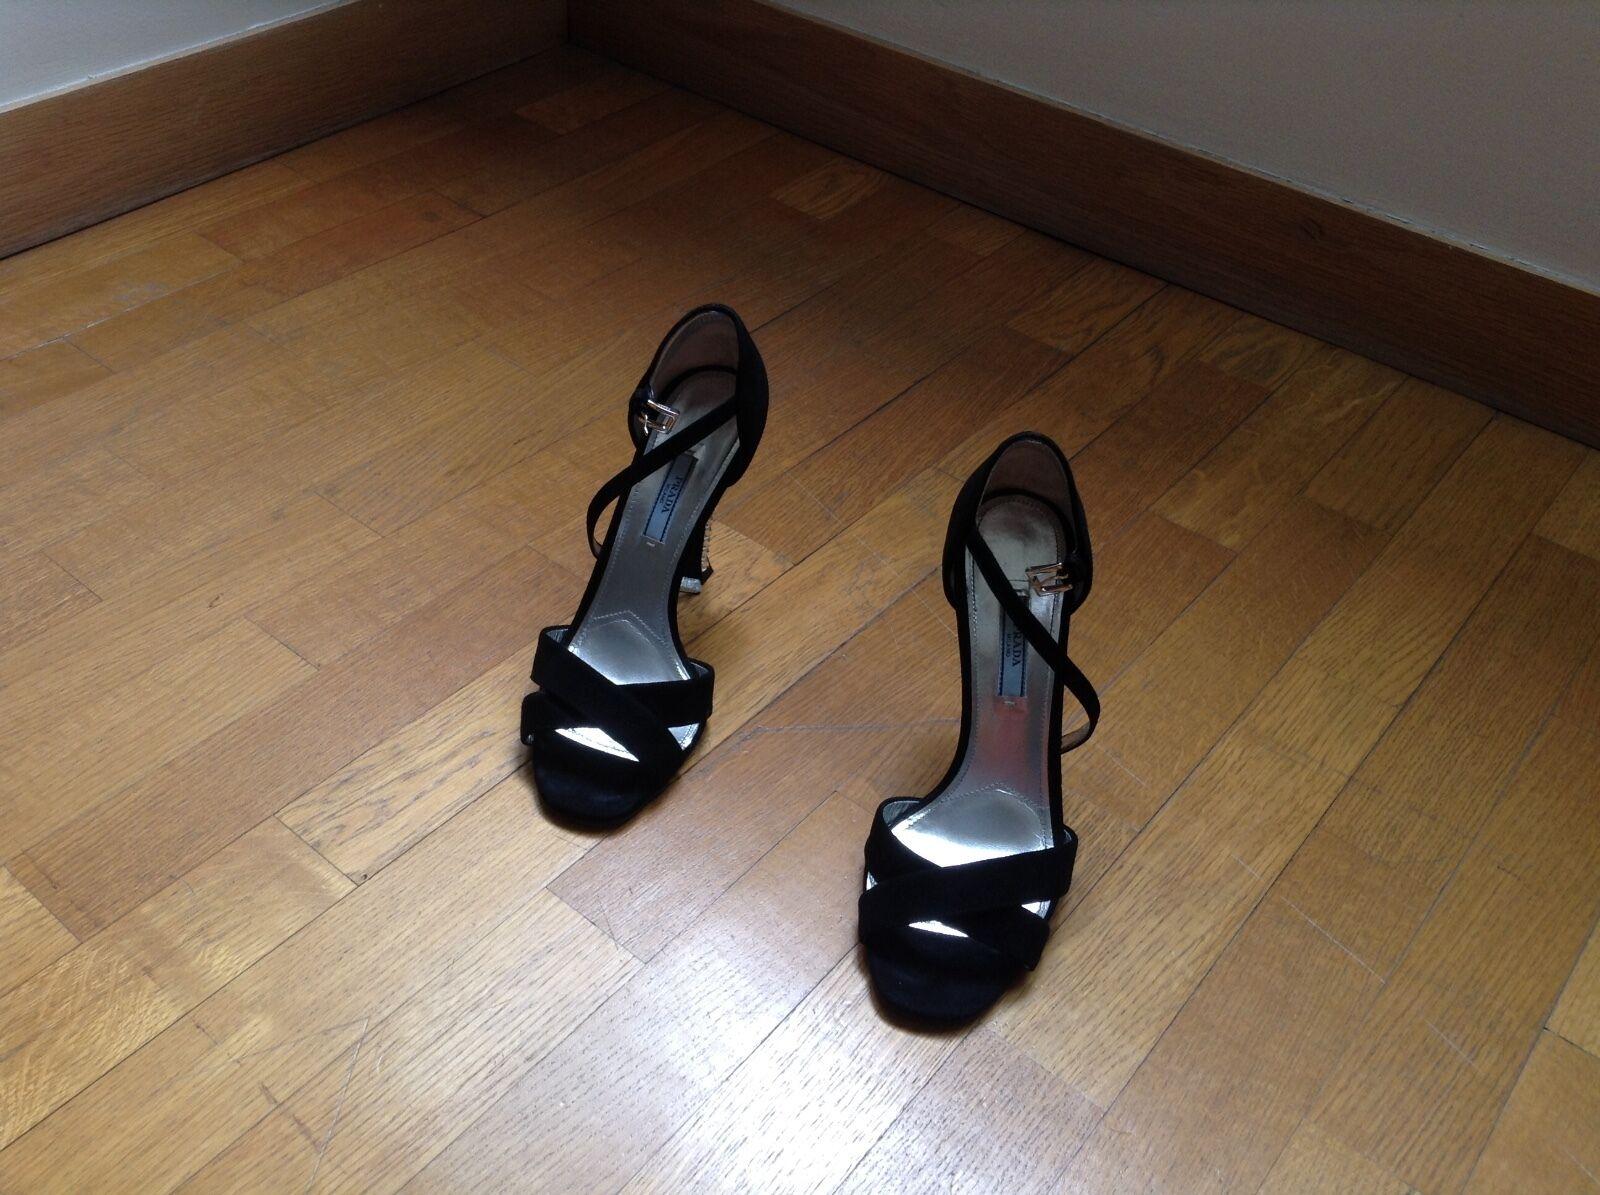 754ed887dc1 Piece Couture Comme neuve Sublimes Sublimes Sublimes chaussures sandales  noires marque Prada 97f1e4